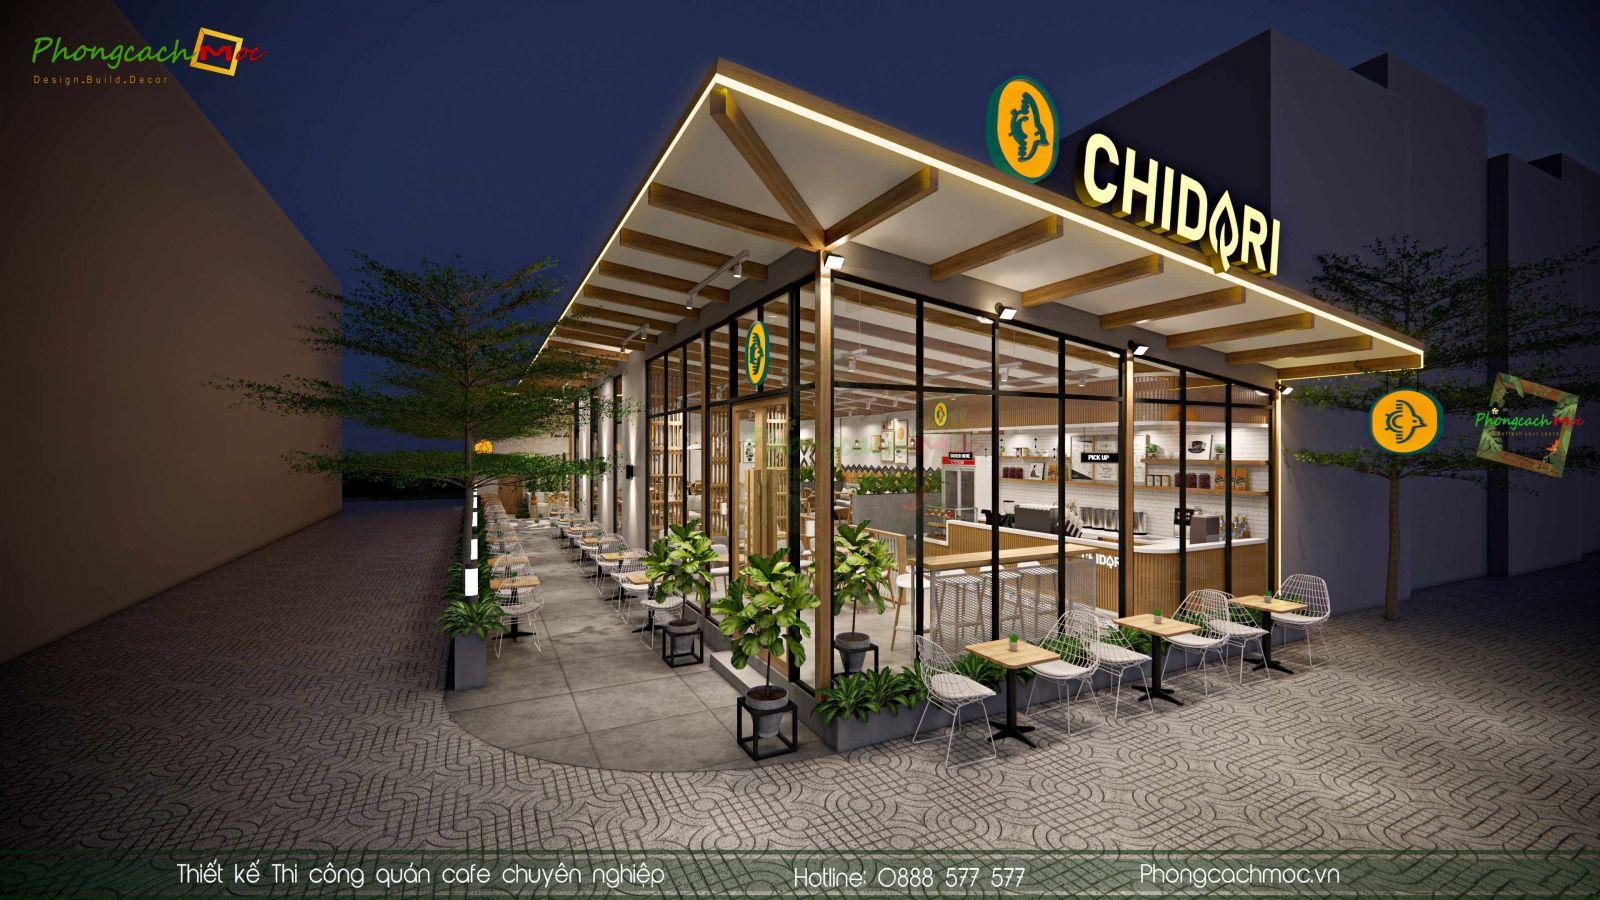 Chidori Coffee & Tea